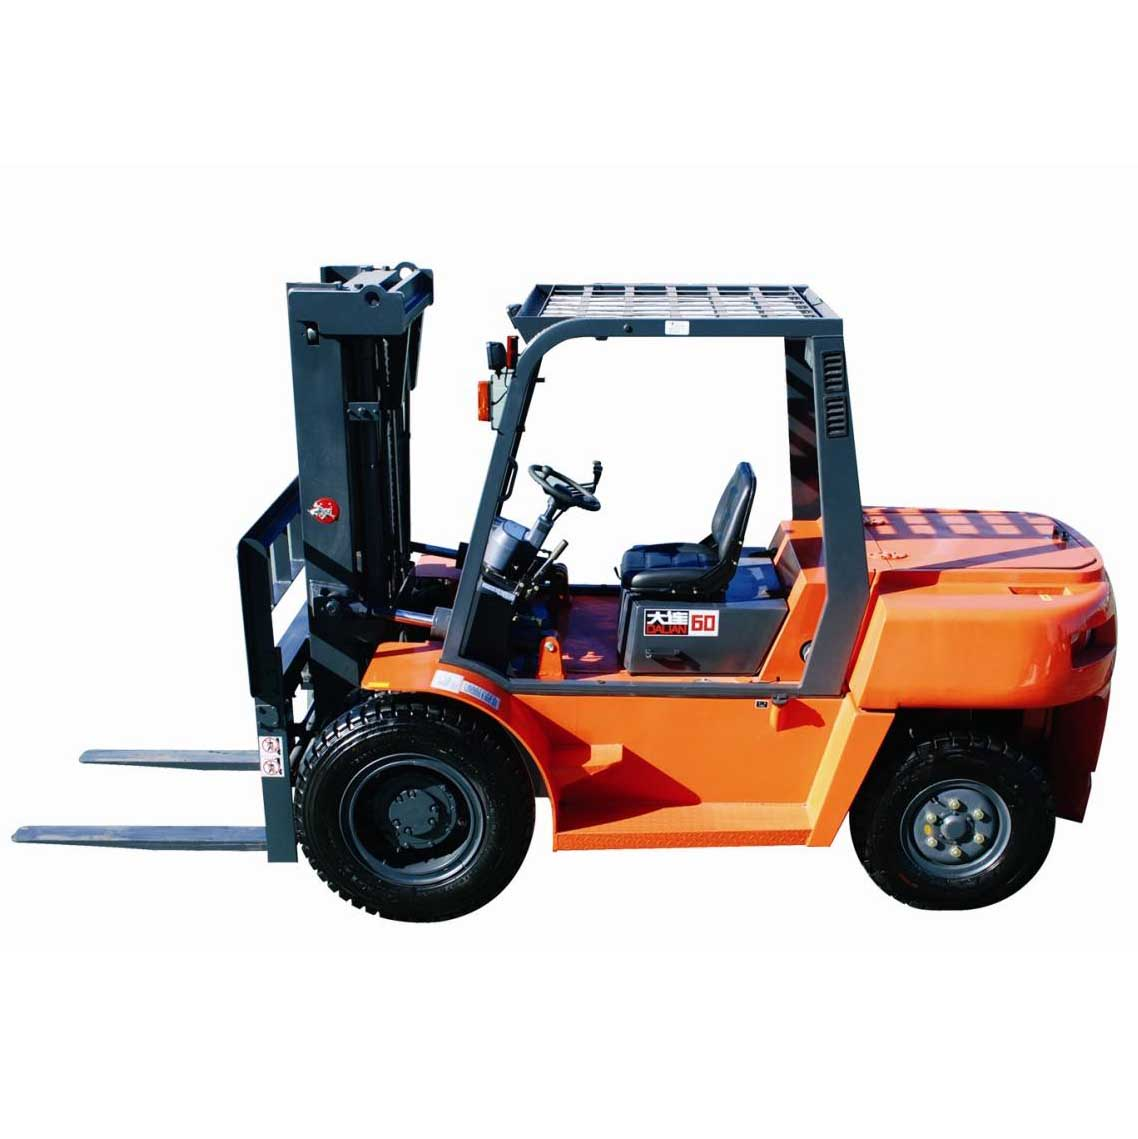 全国大连6吨平衡重式柴油叉车出租【价格 价格一览表 多少钱一个月】